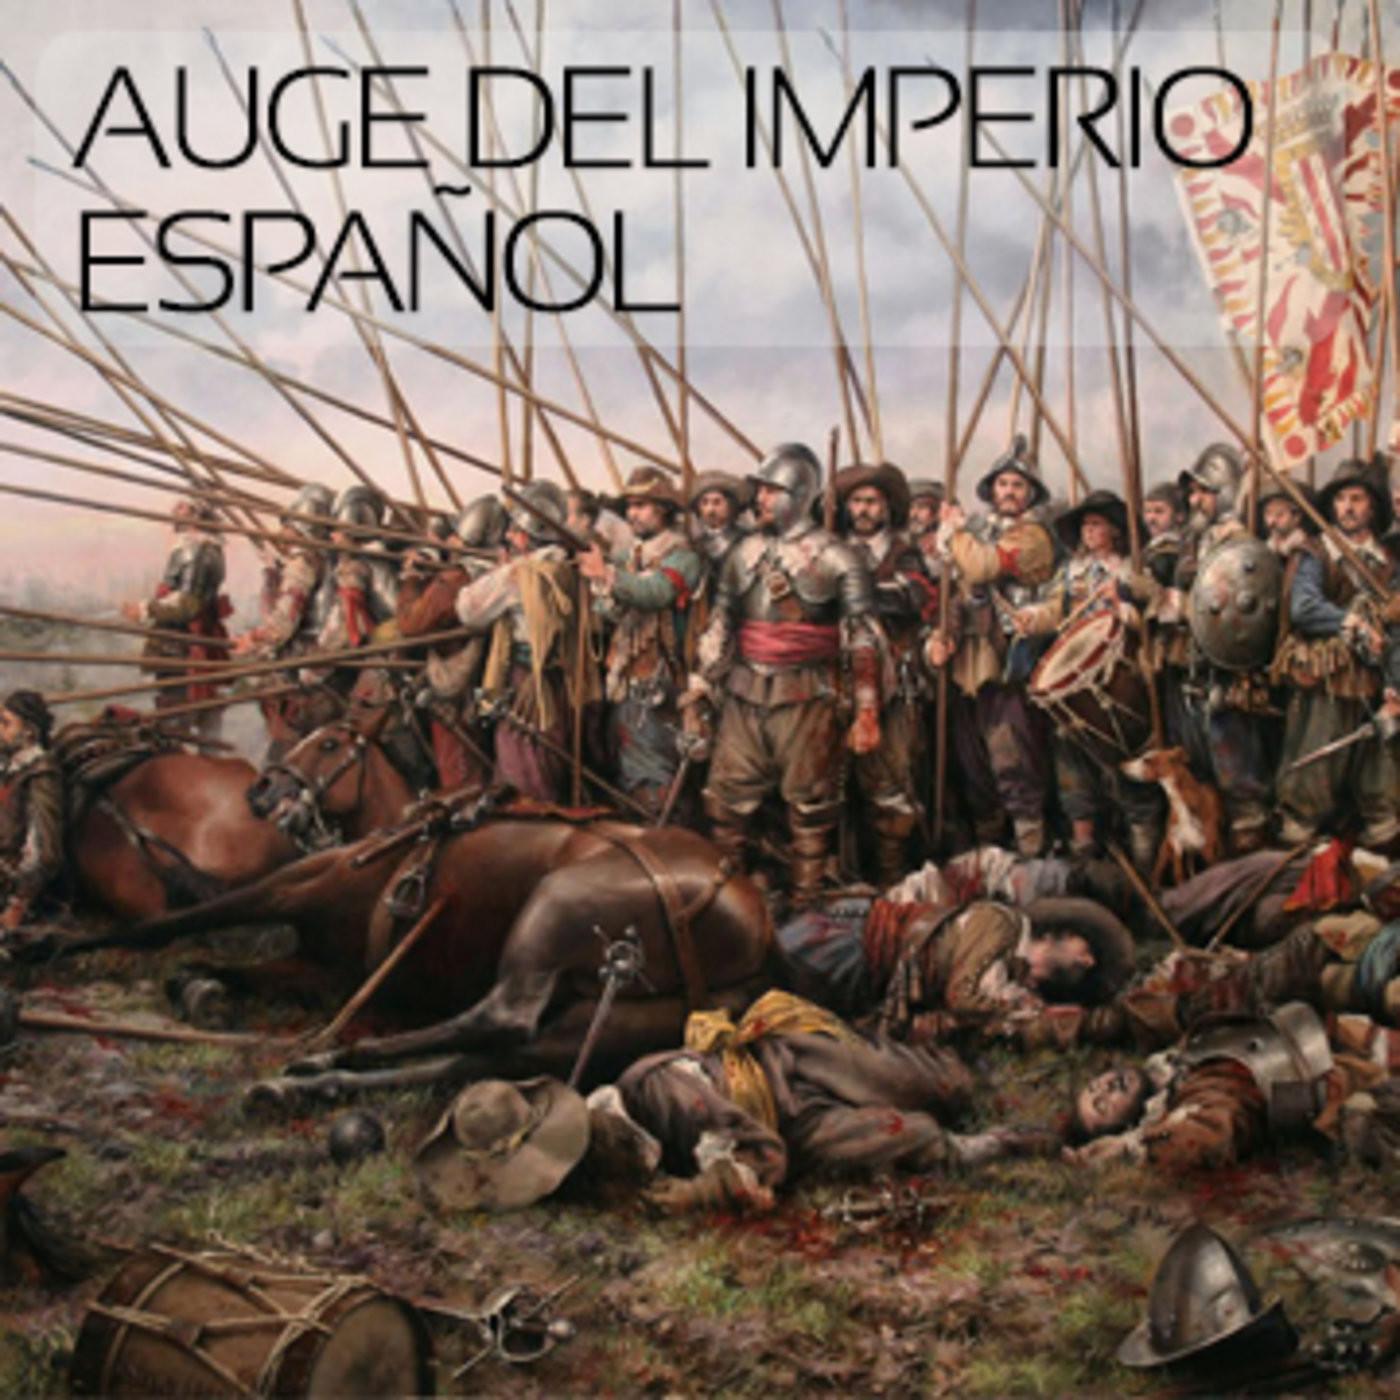 <![CDATA[Auge del Imperio Español]]>